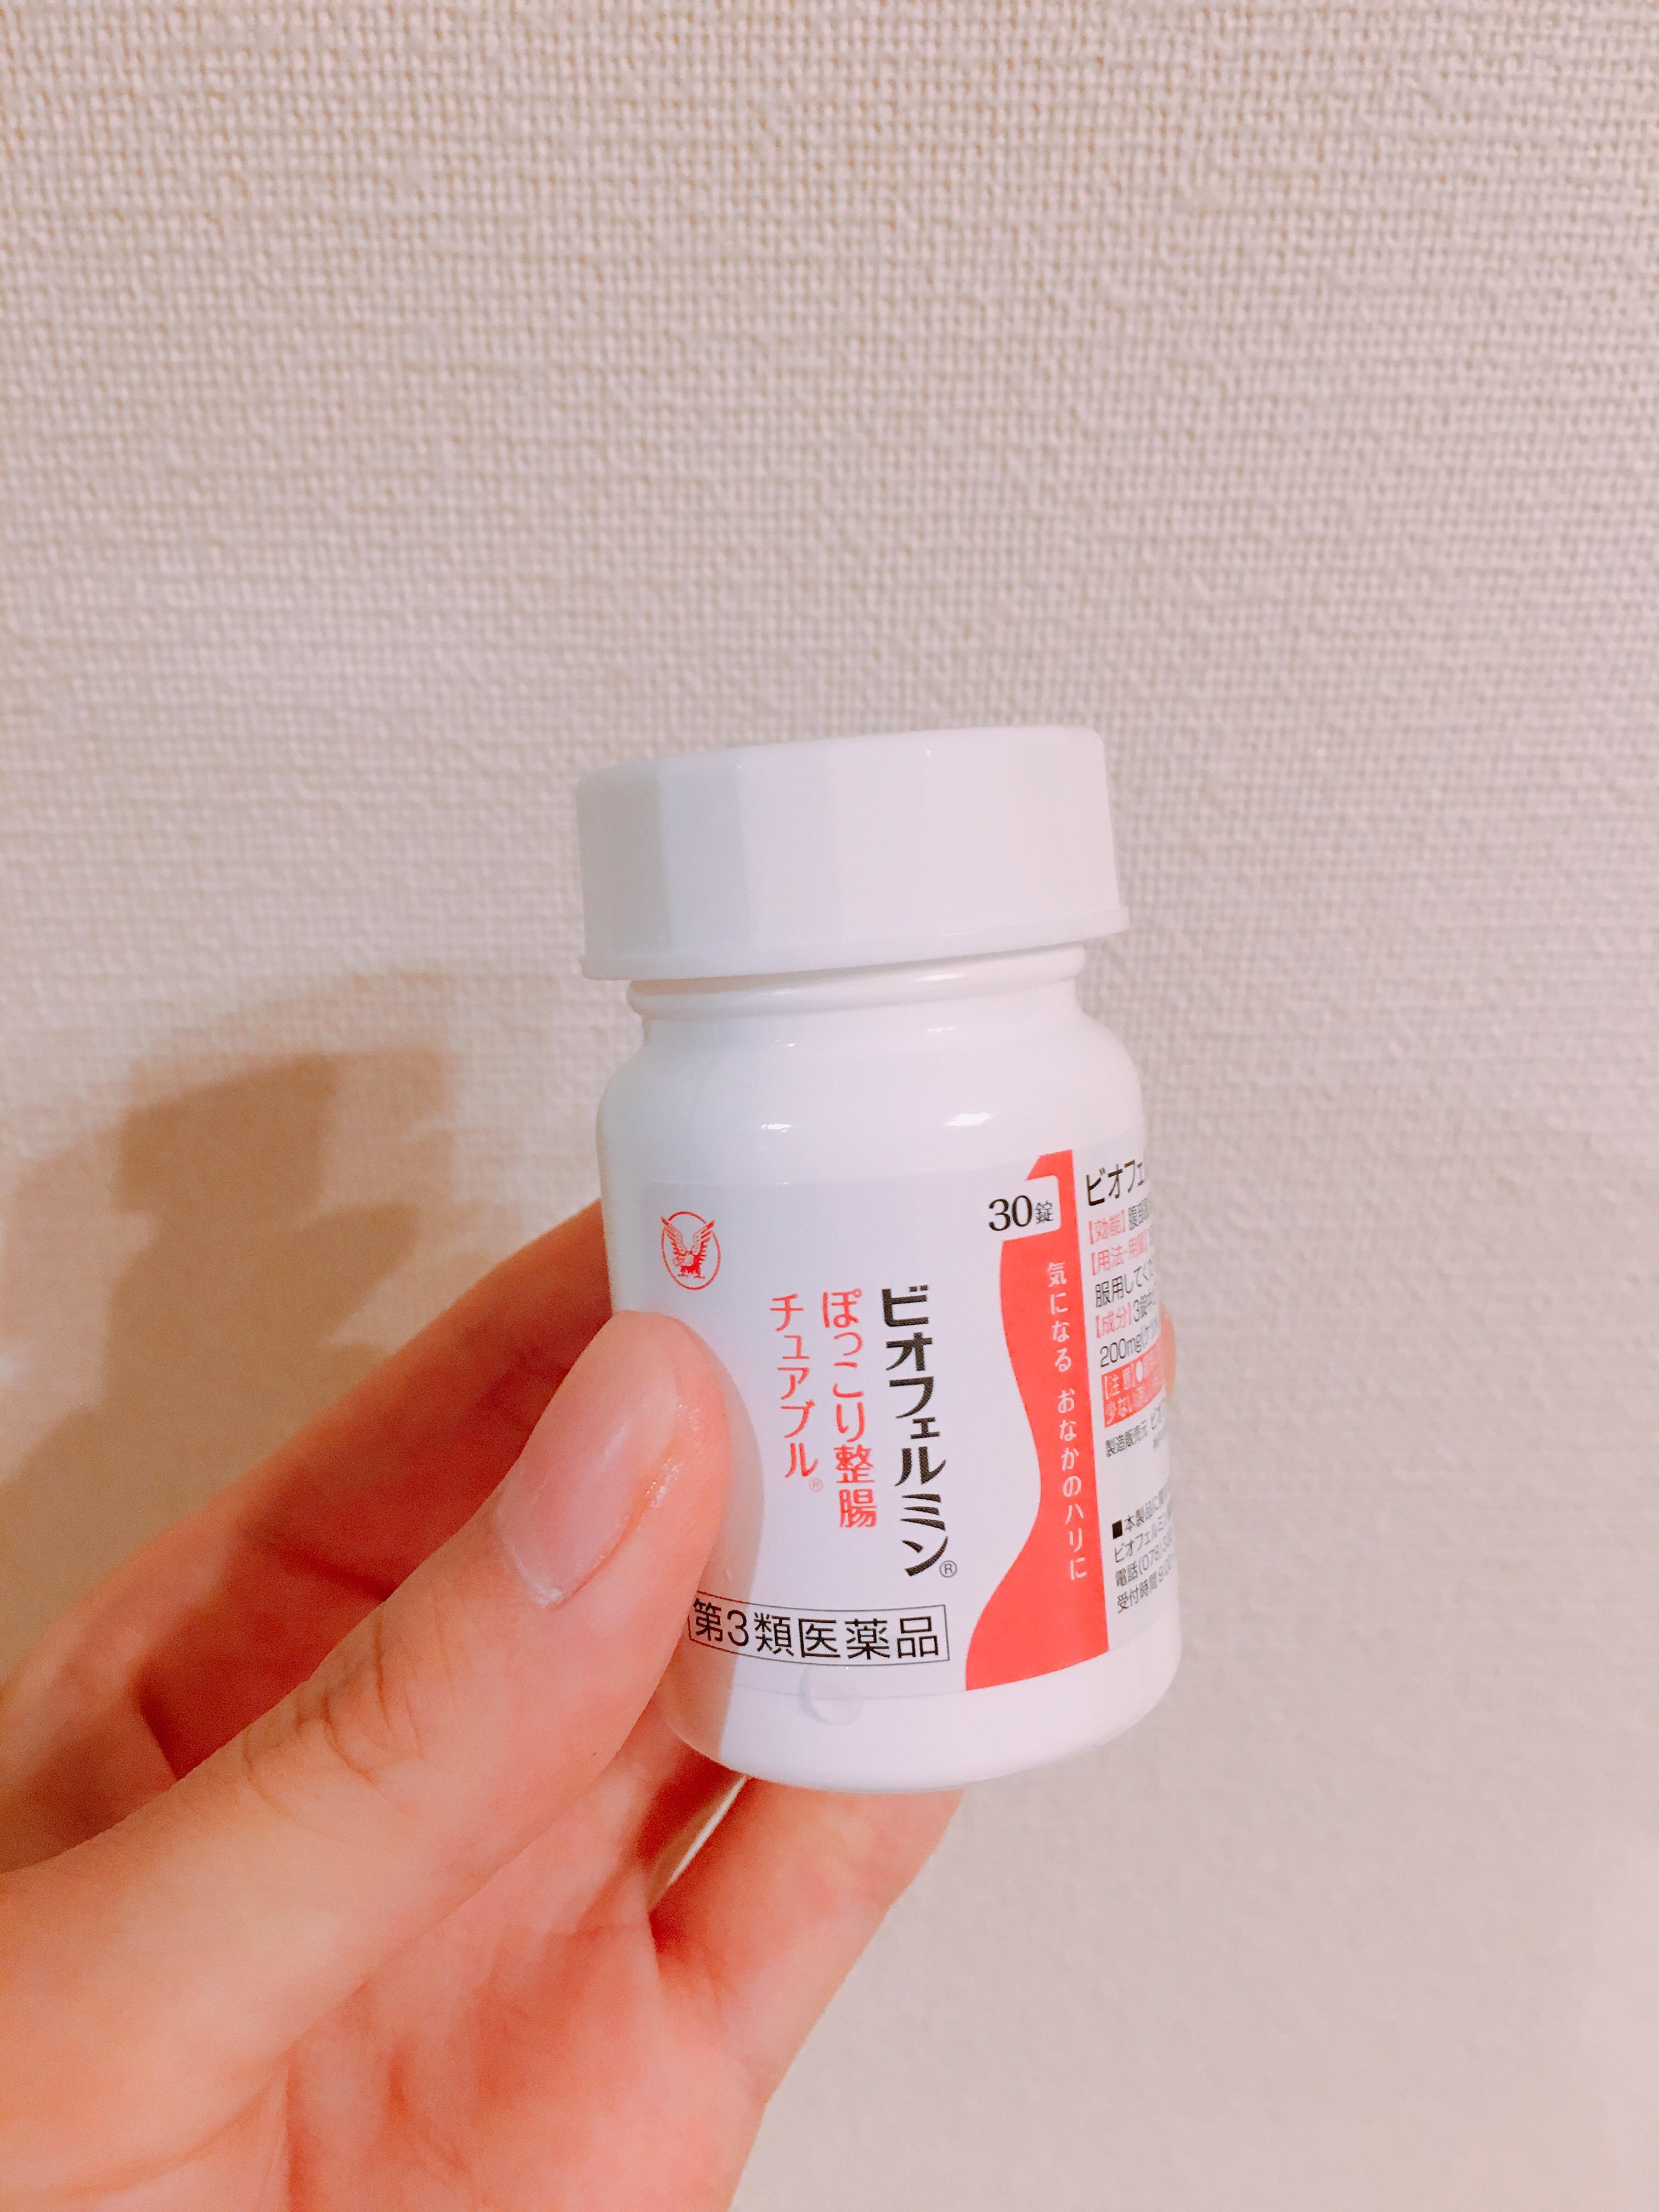 ビオフェルミンぽっこり整腸チュアブル♡_1